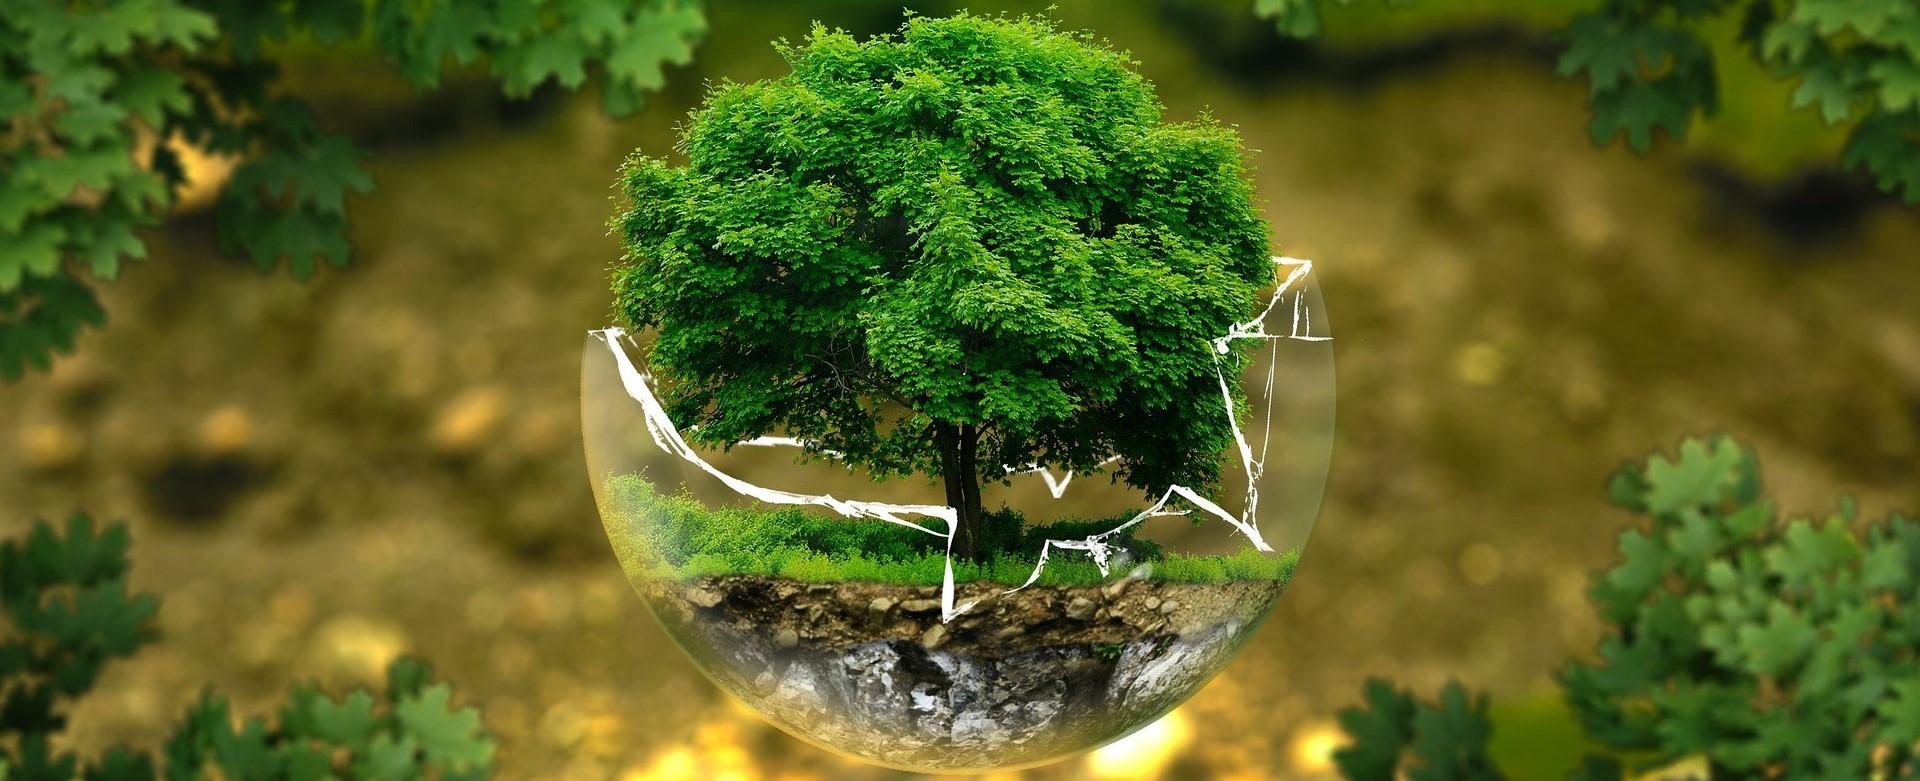 موضوع حول البيئة المنظومة البيئية وأهم عناصرها وكيفية حمايتها من التلوث